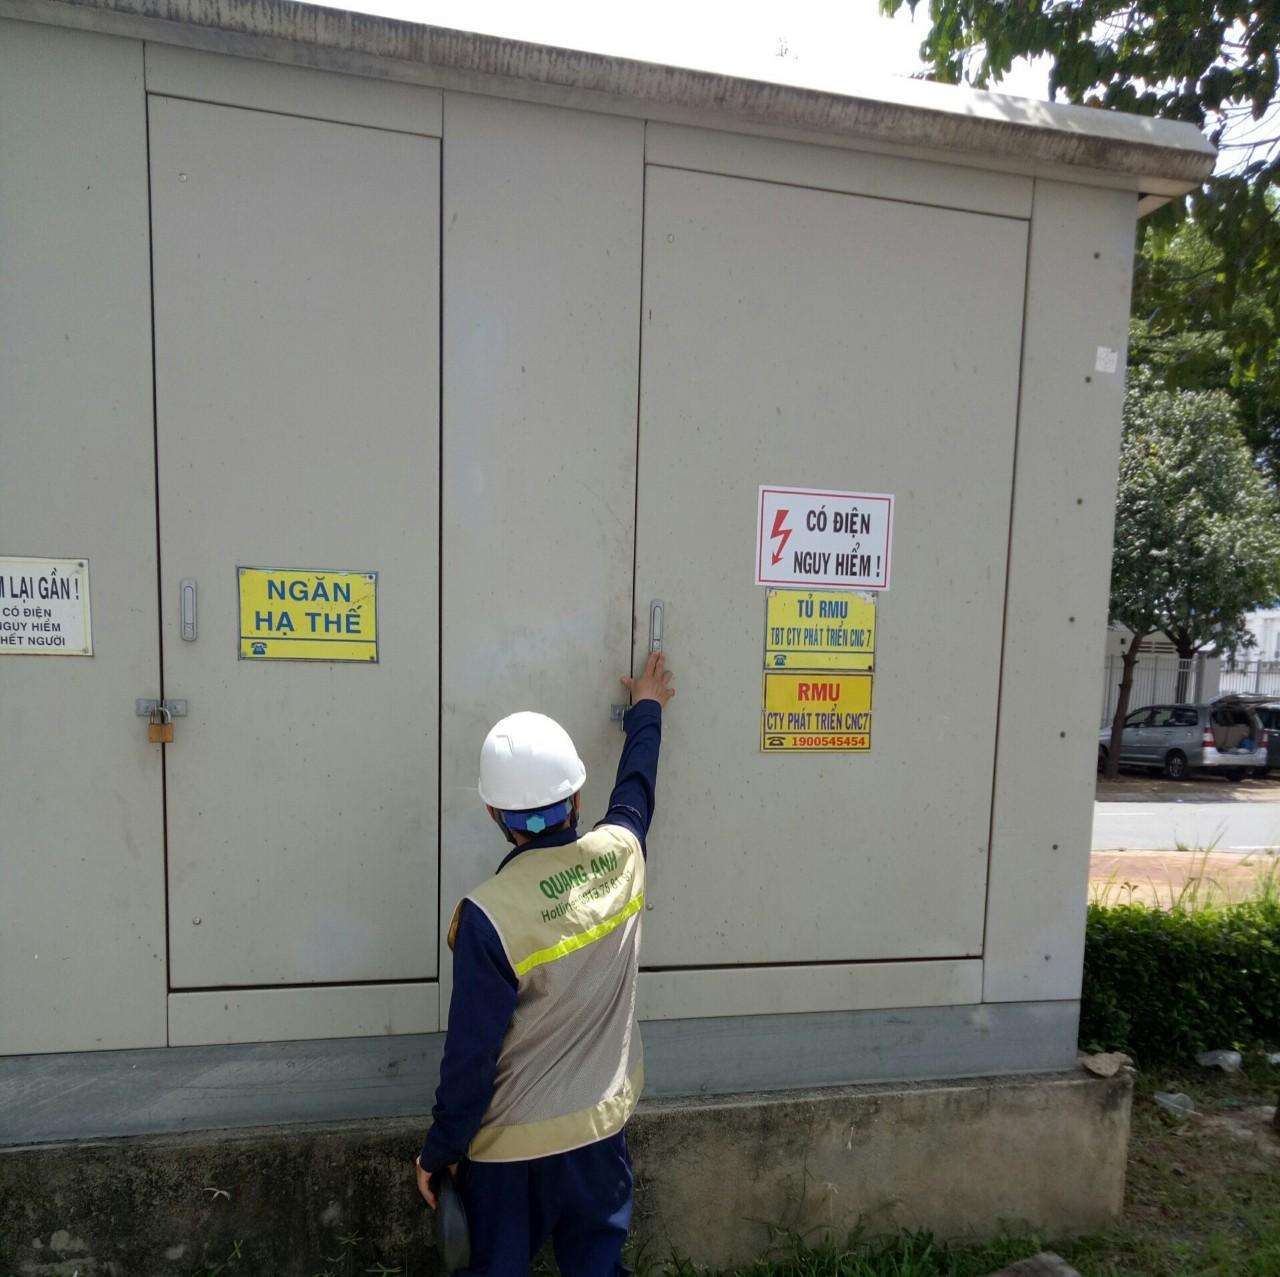 kiosk substation